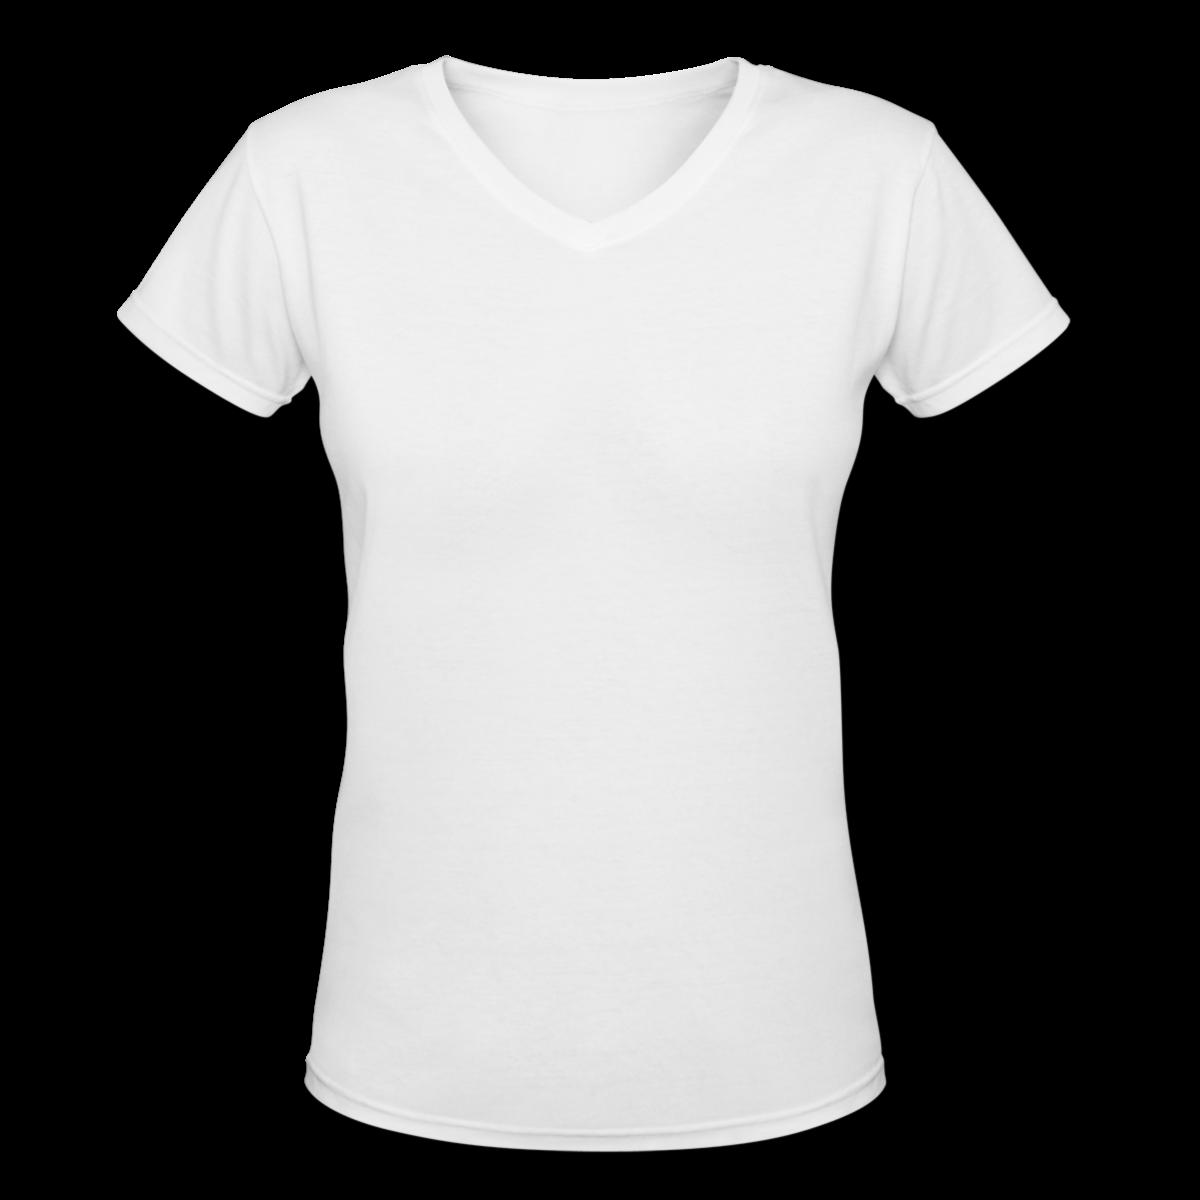 Trends for blank v neck t shirt design clipart best for T shirt design v neck